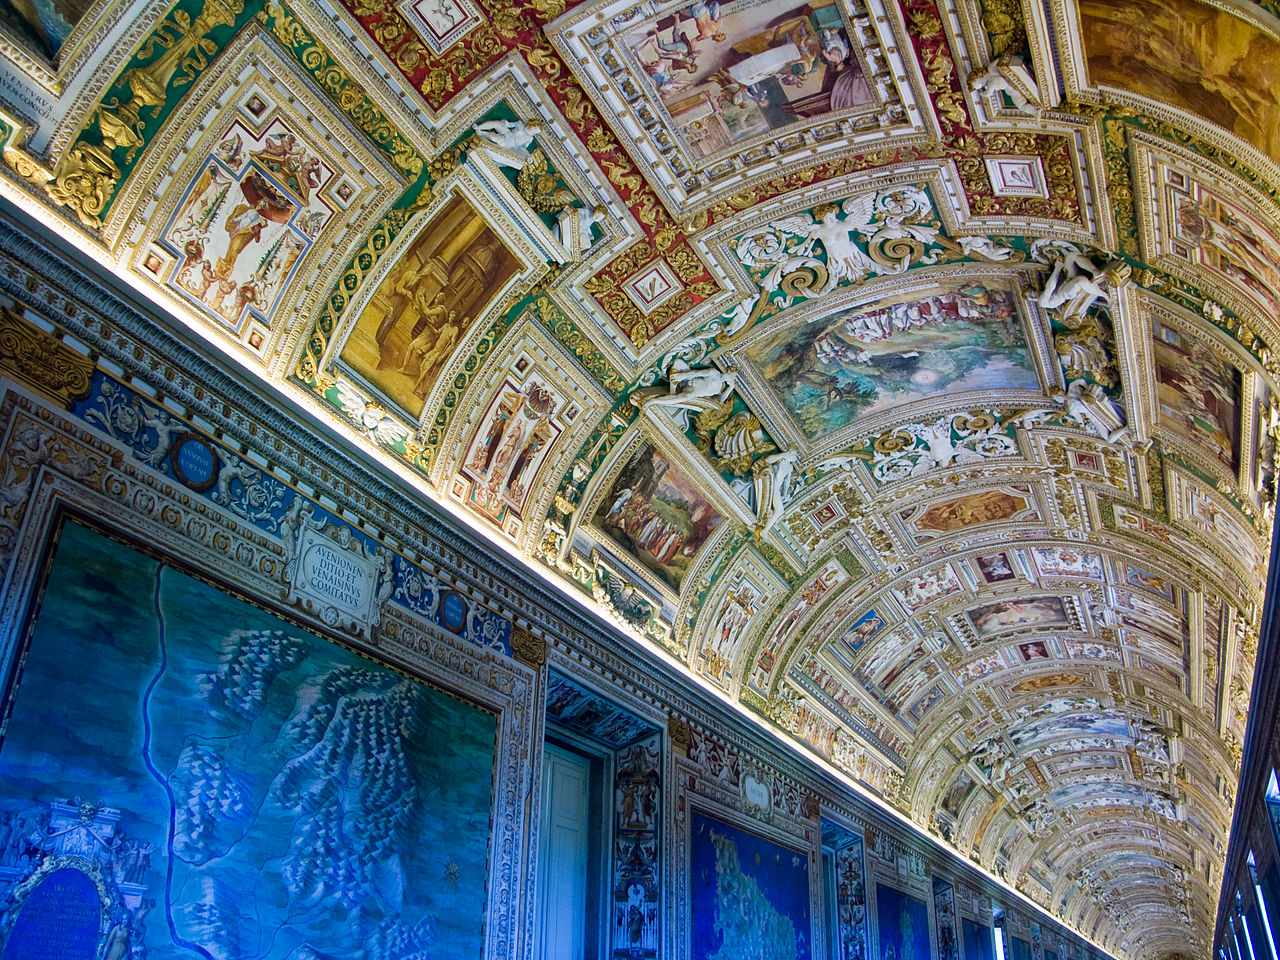 1280px-Vatican-Musee-PlafondSalleCartes.